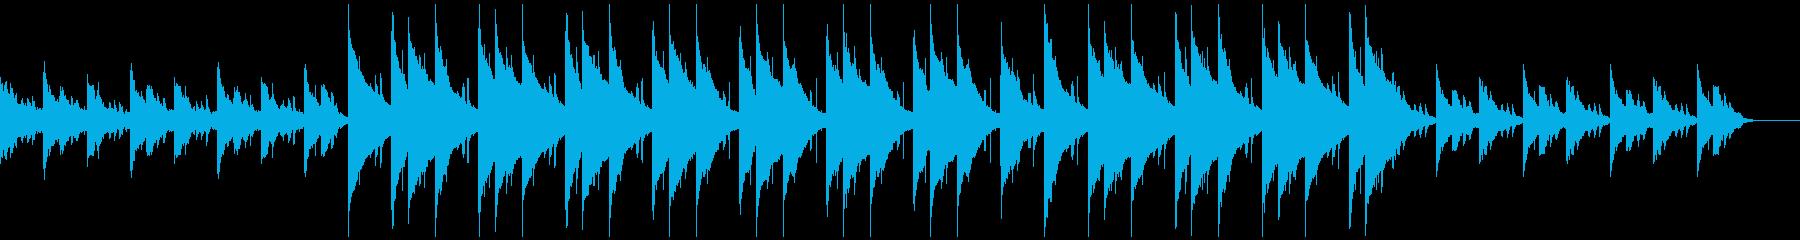 感傷的なピアノの再生済みの波形